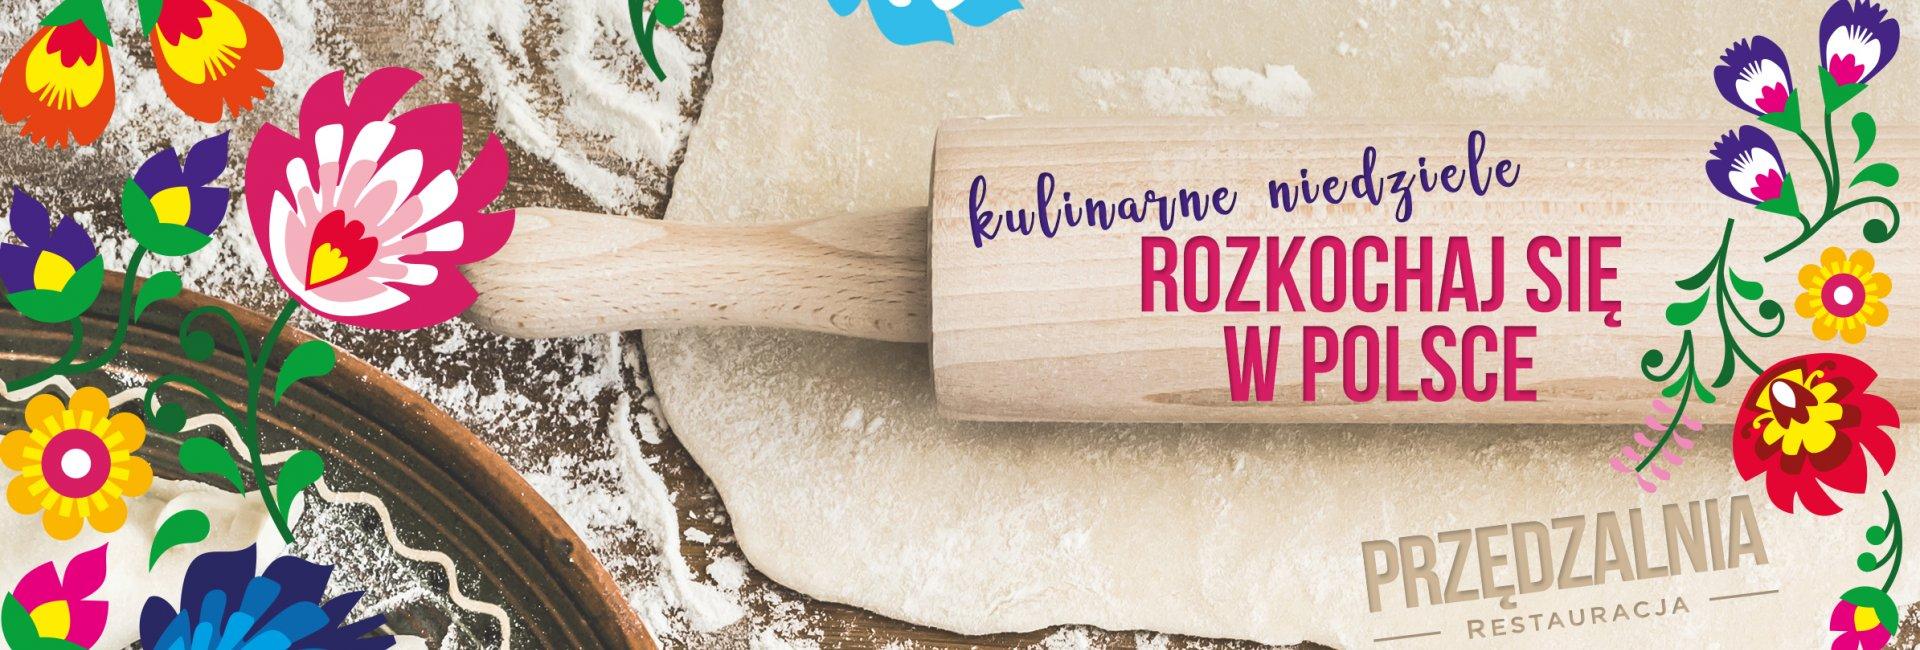 Rozkochaj się w Polsce z restauracją Przędzalnia